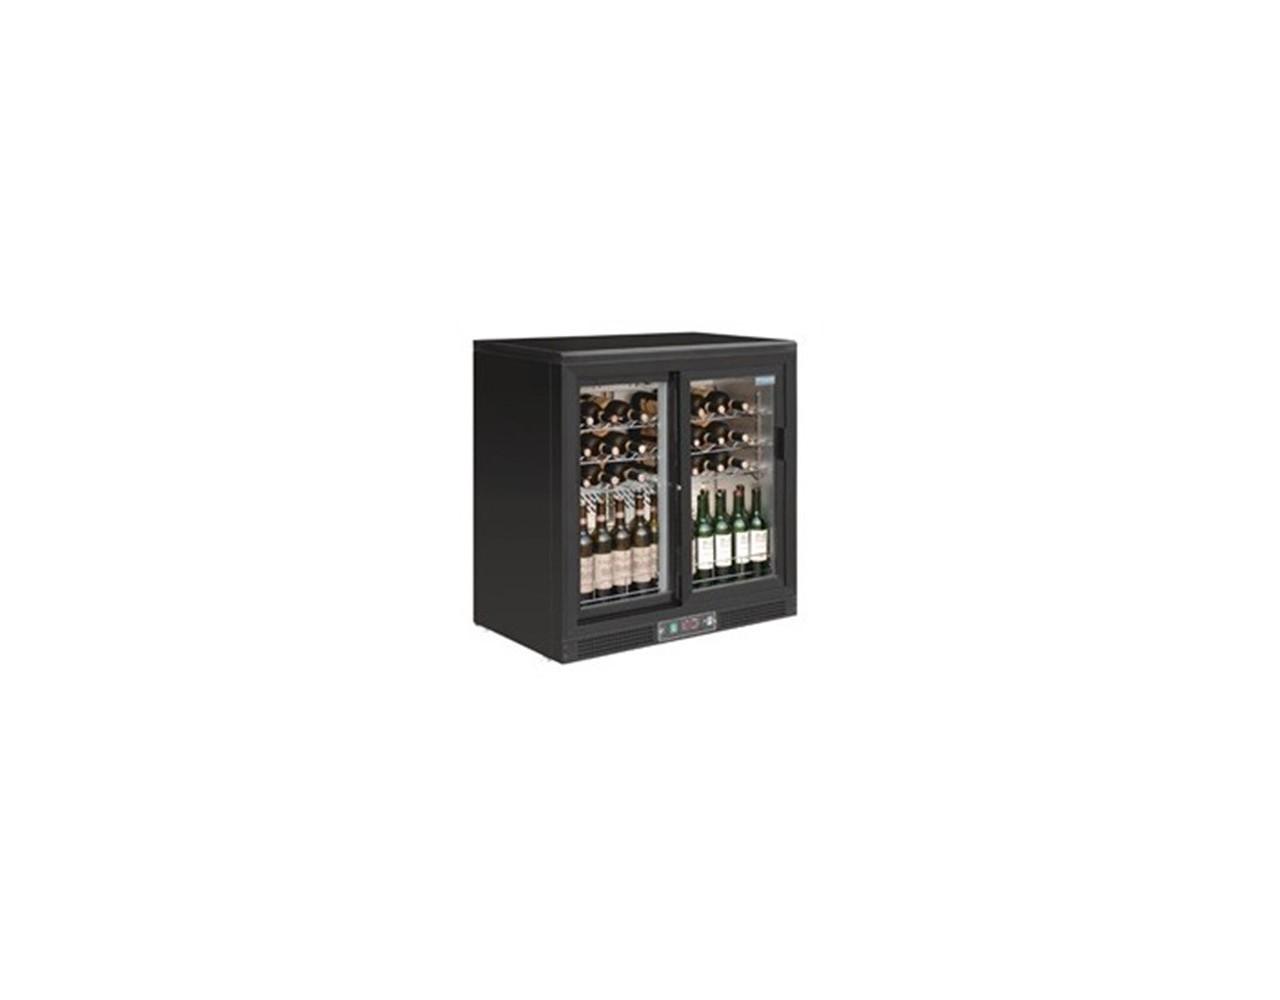 armoires vin et tout le mat riel horeca professionnel. Black Bedroom Furniture Sets. Home Design Ideas